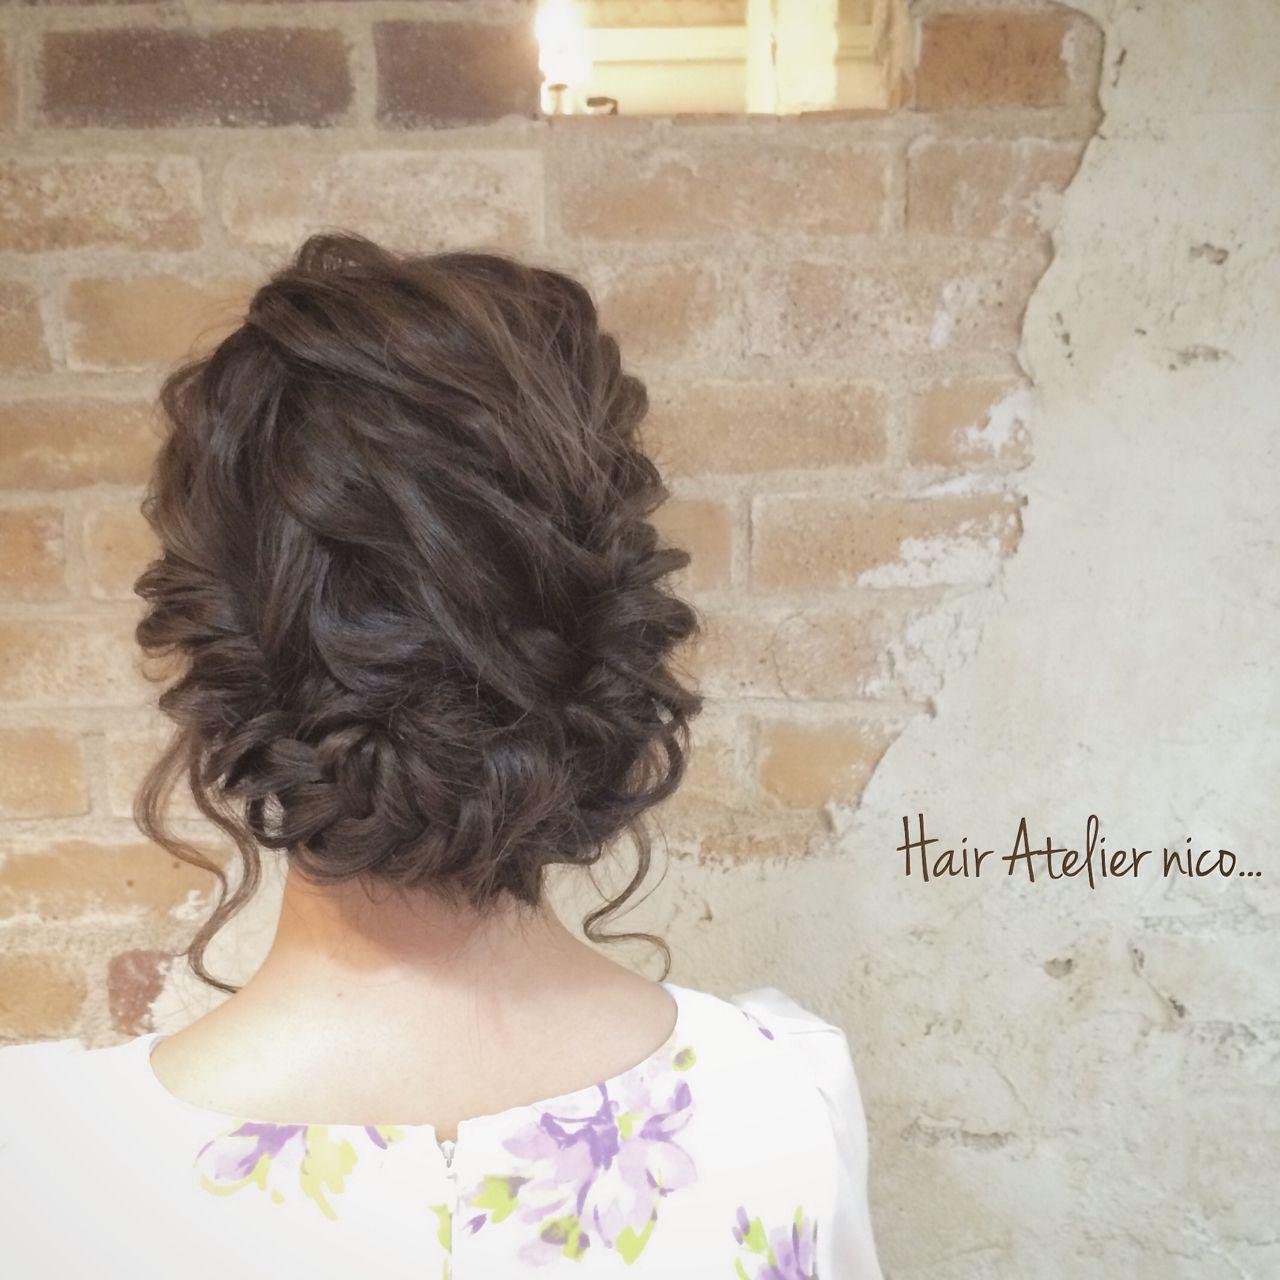 センターパート コンサバ モテ髪 パンクヘアスタイルや髪型の写真・画像